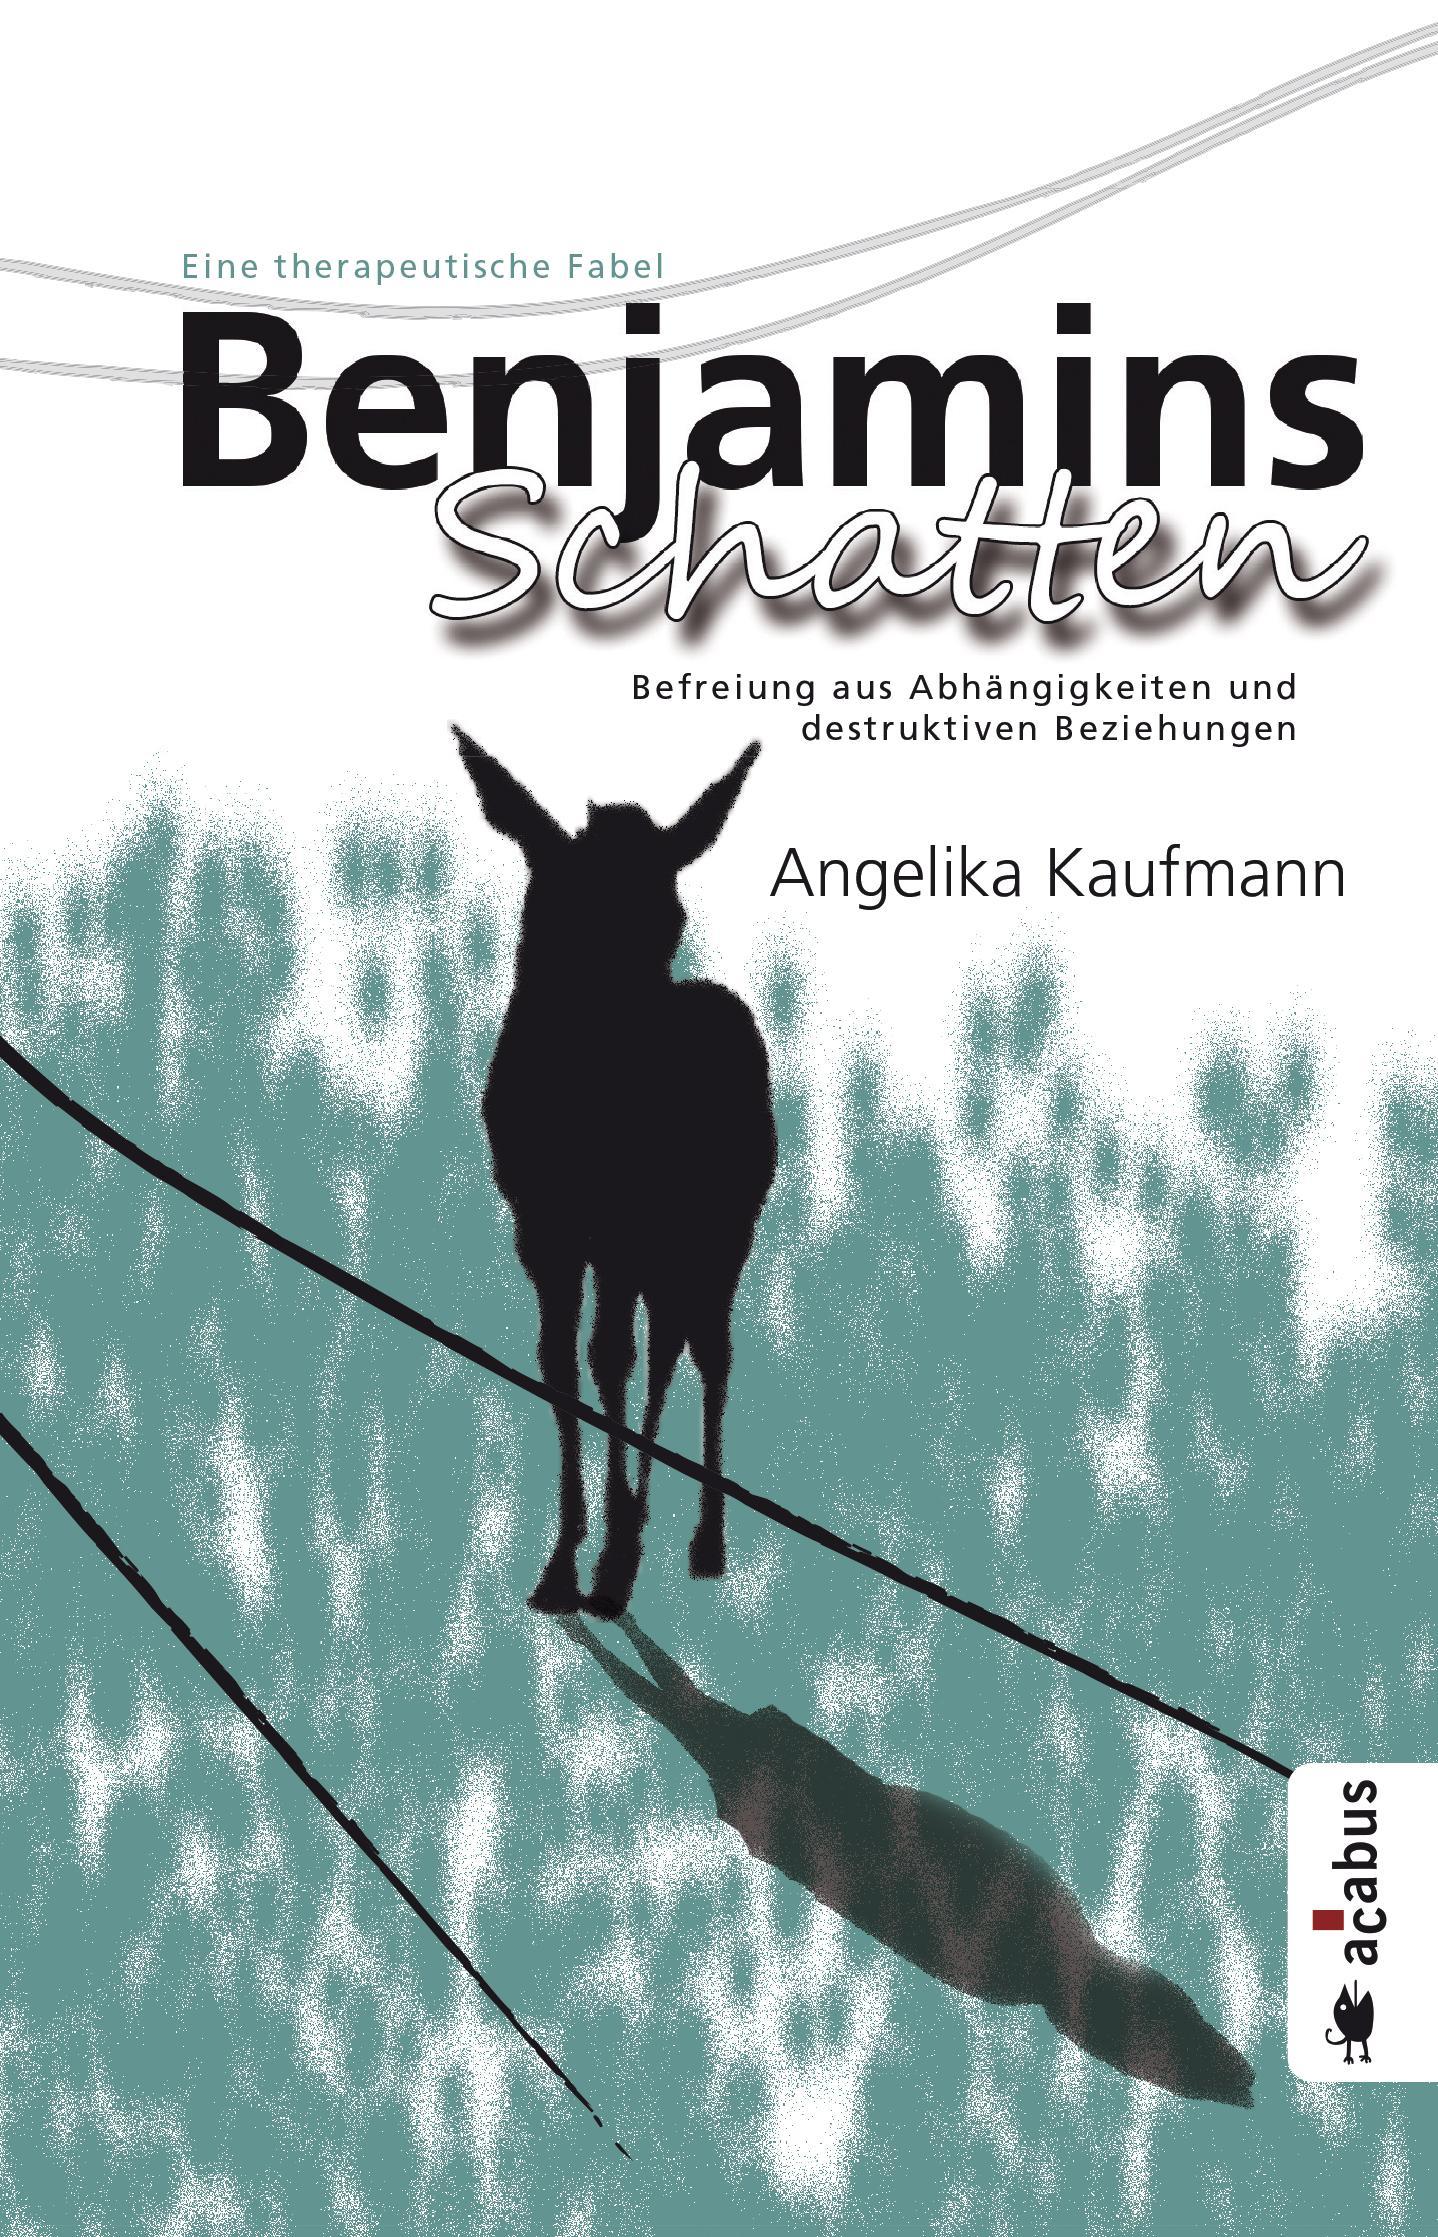 Benjamins-Schatten-Befreiung-aus-Co-Abhaengigkeit-und-destruktiven-Beziehun